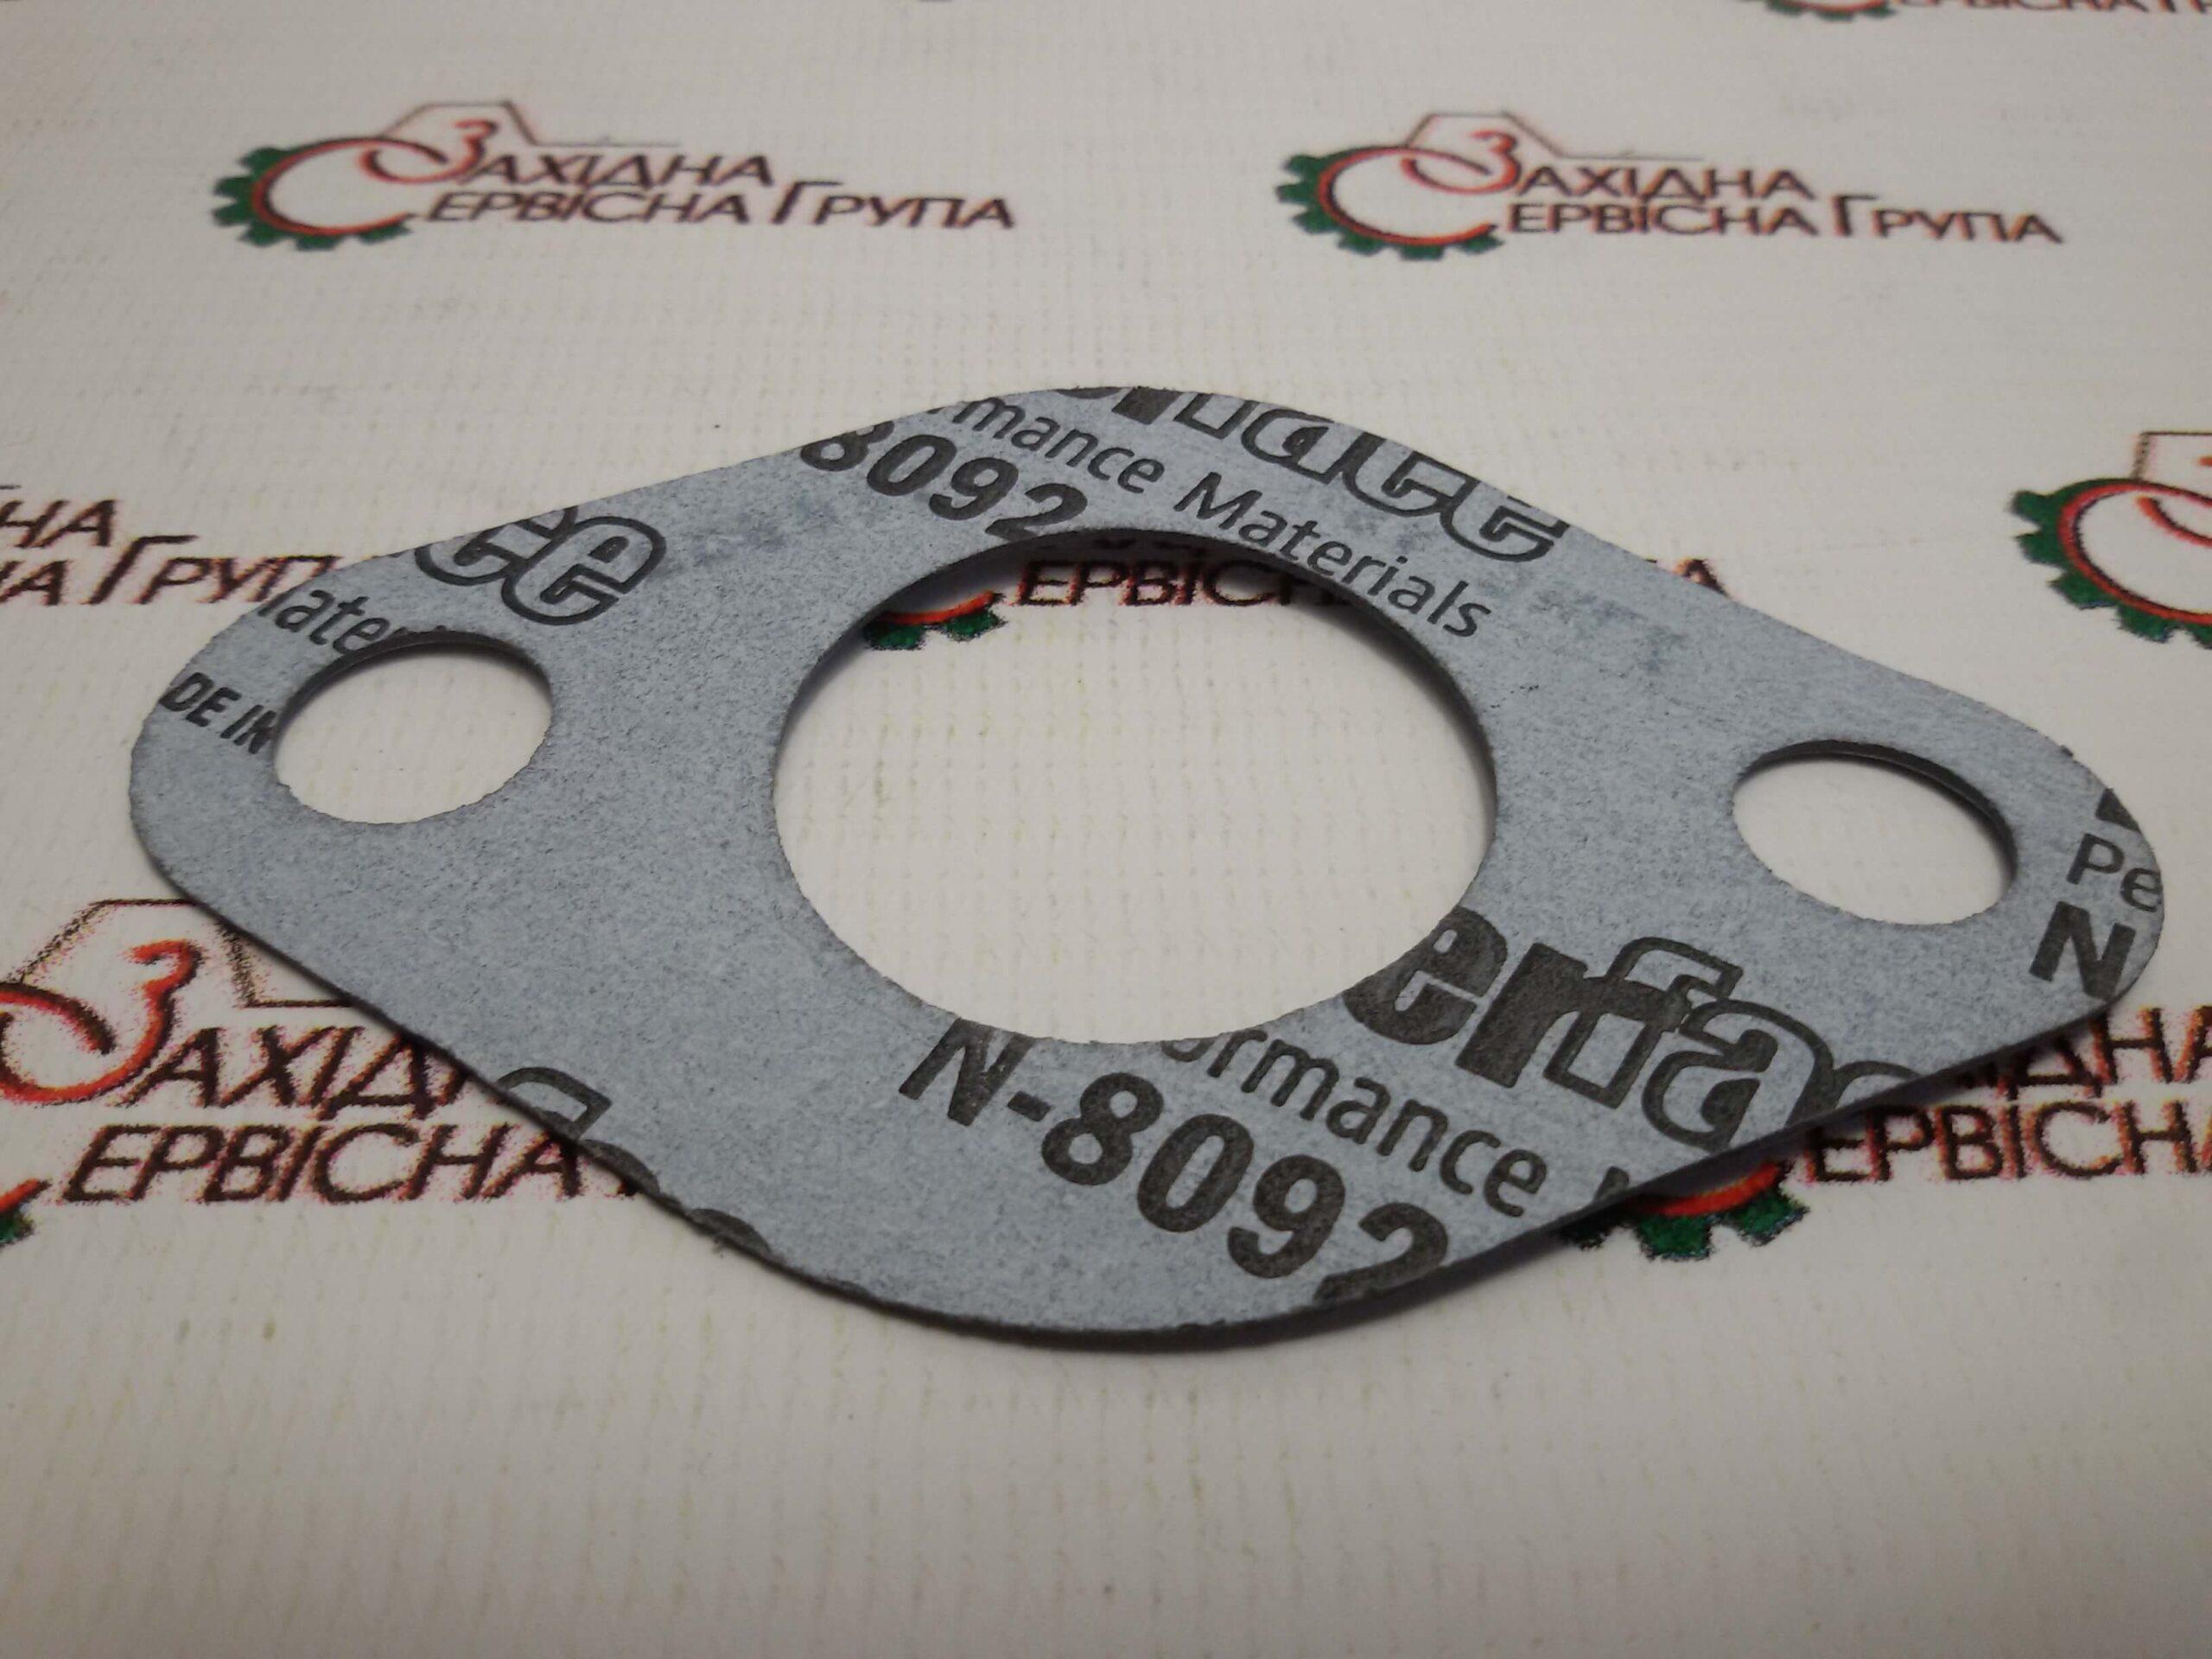 Прокладка сердечника маслоохладителя Cummins KTA19, 206973, 3085998.